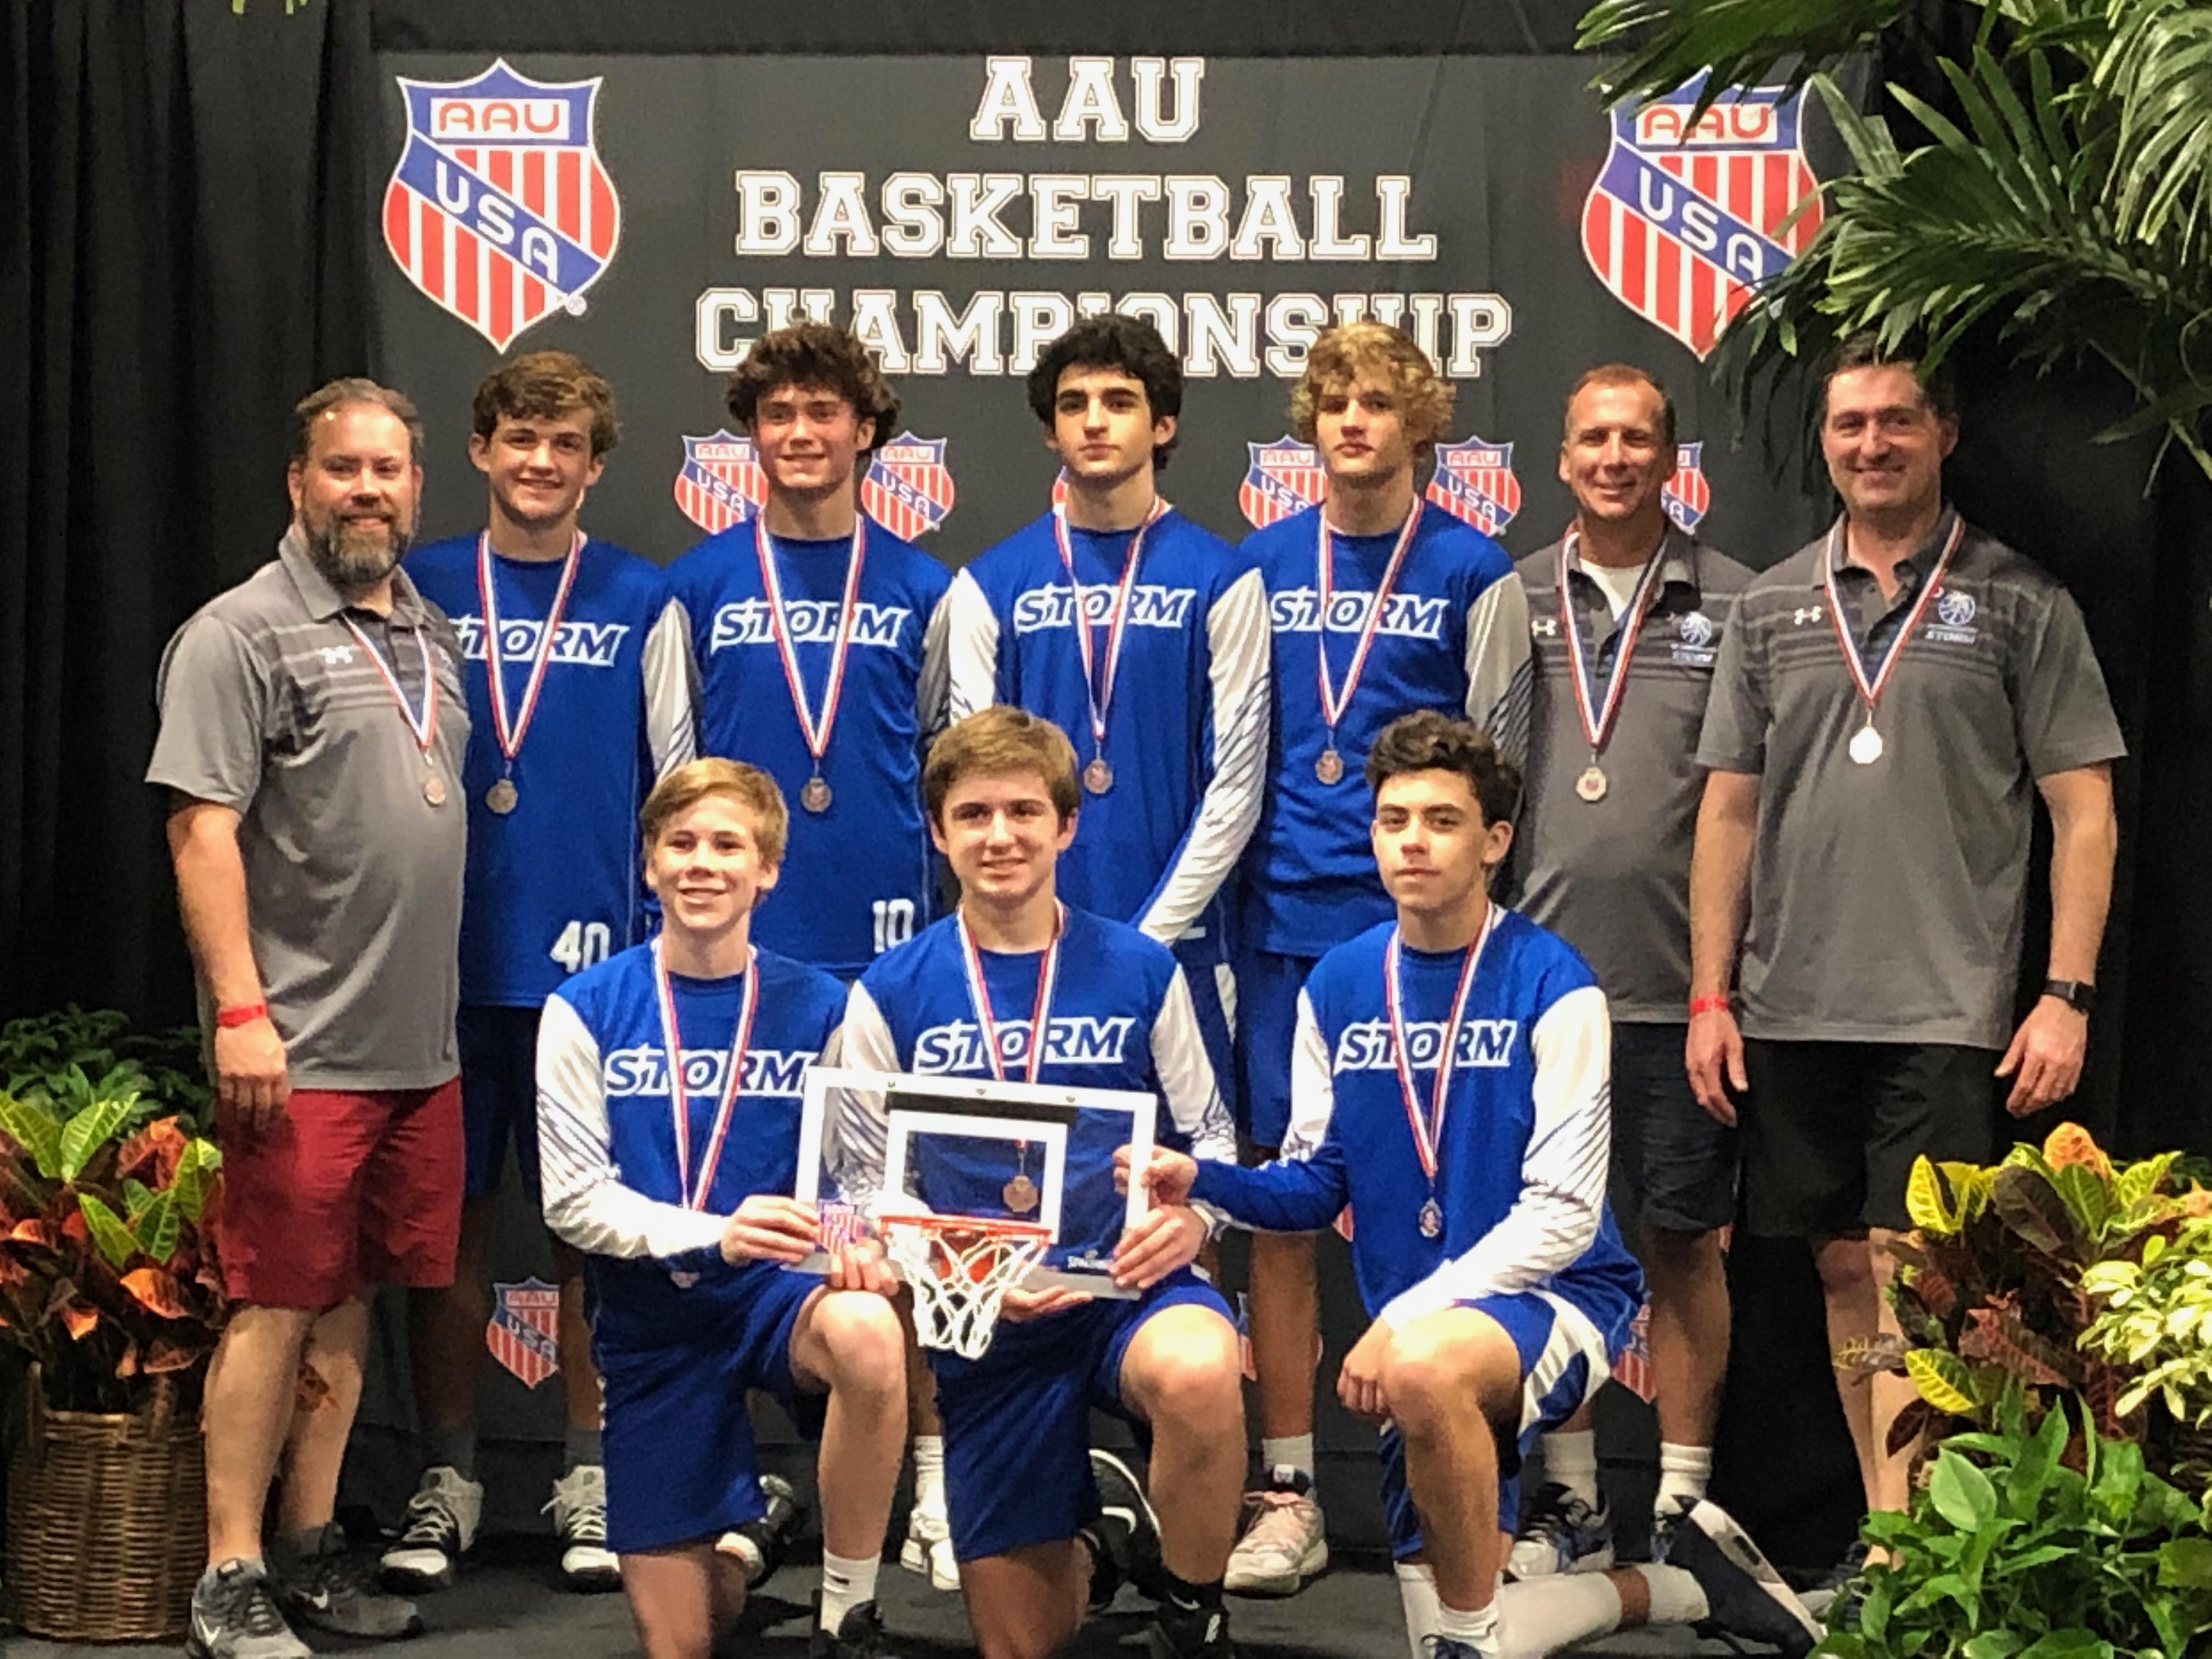 AAU Basketball Championship